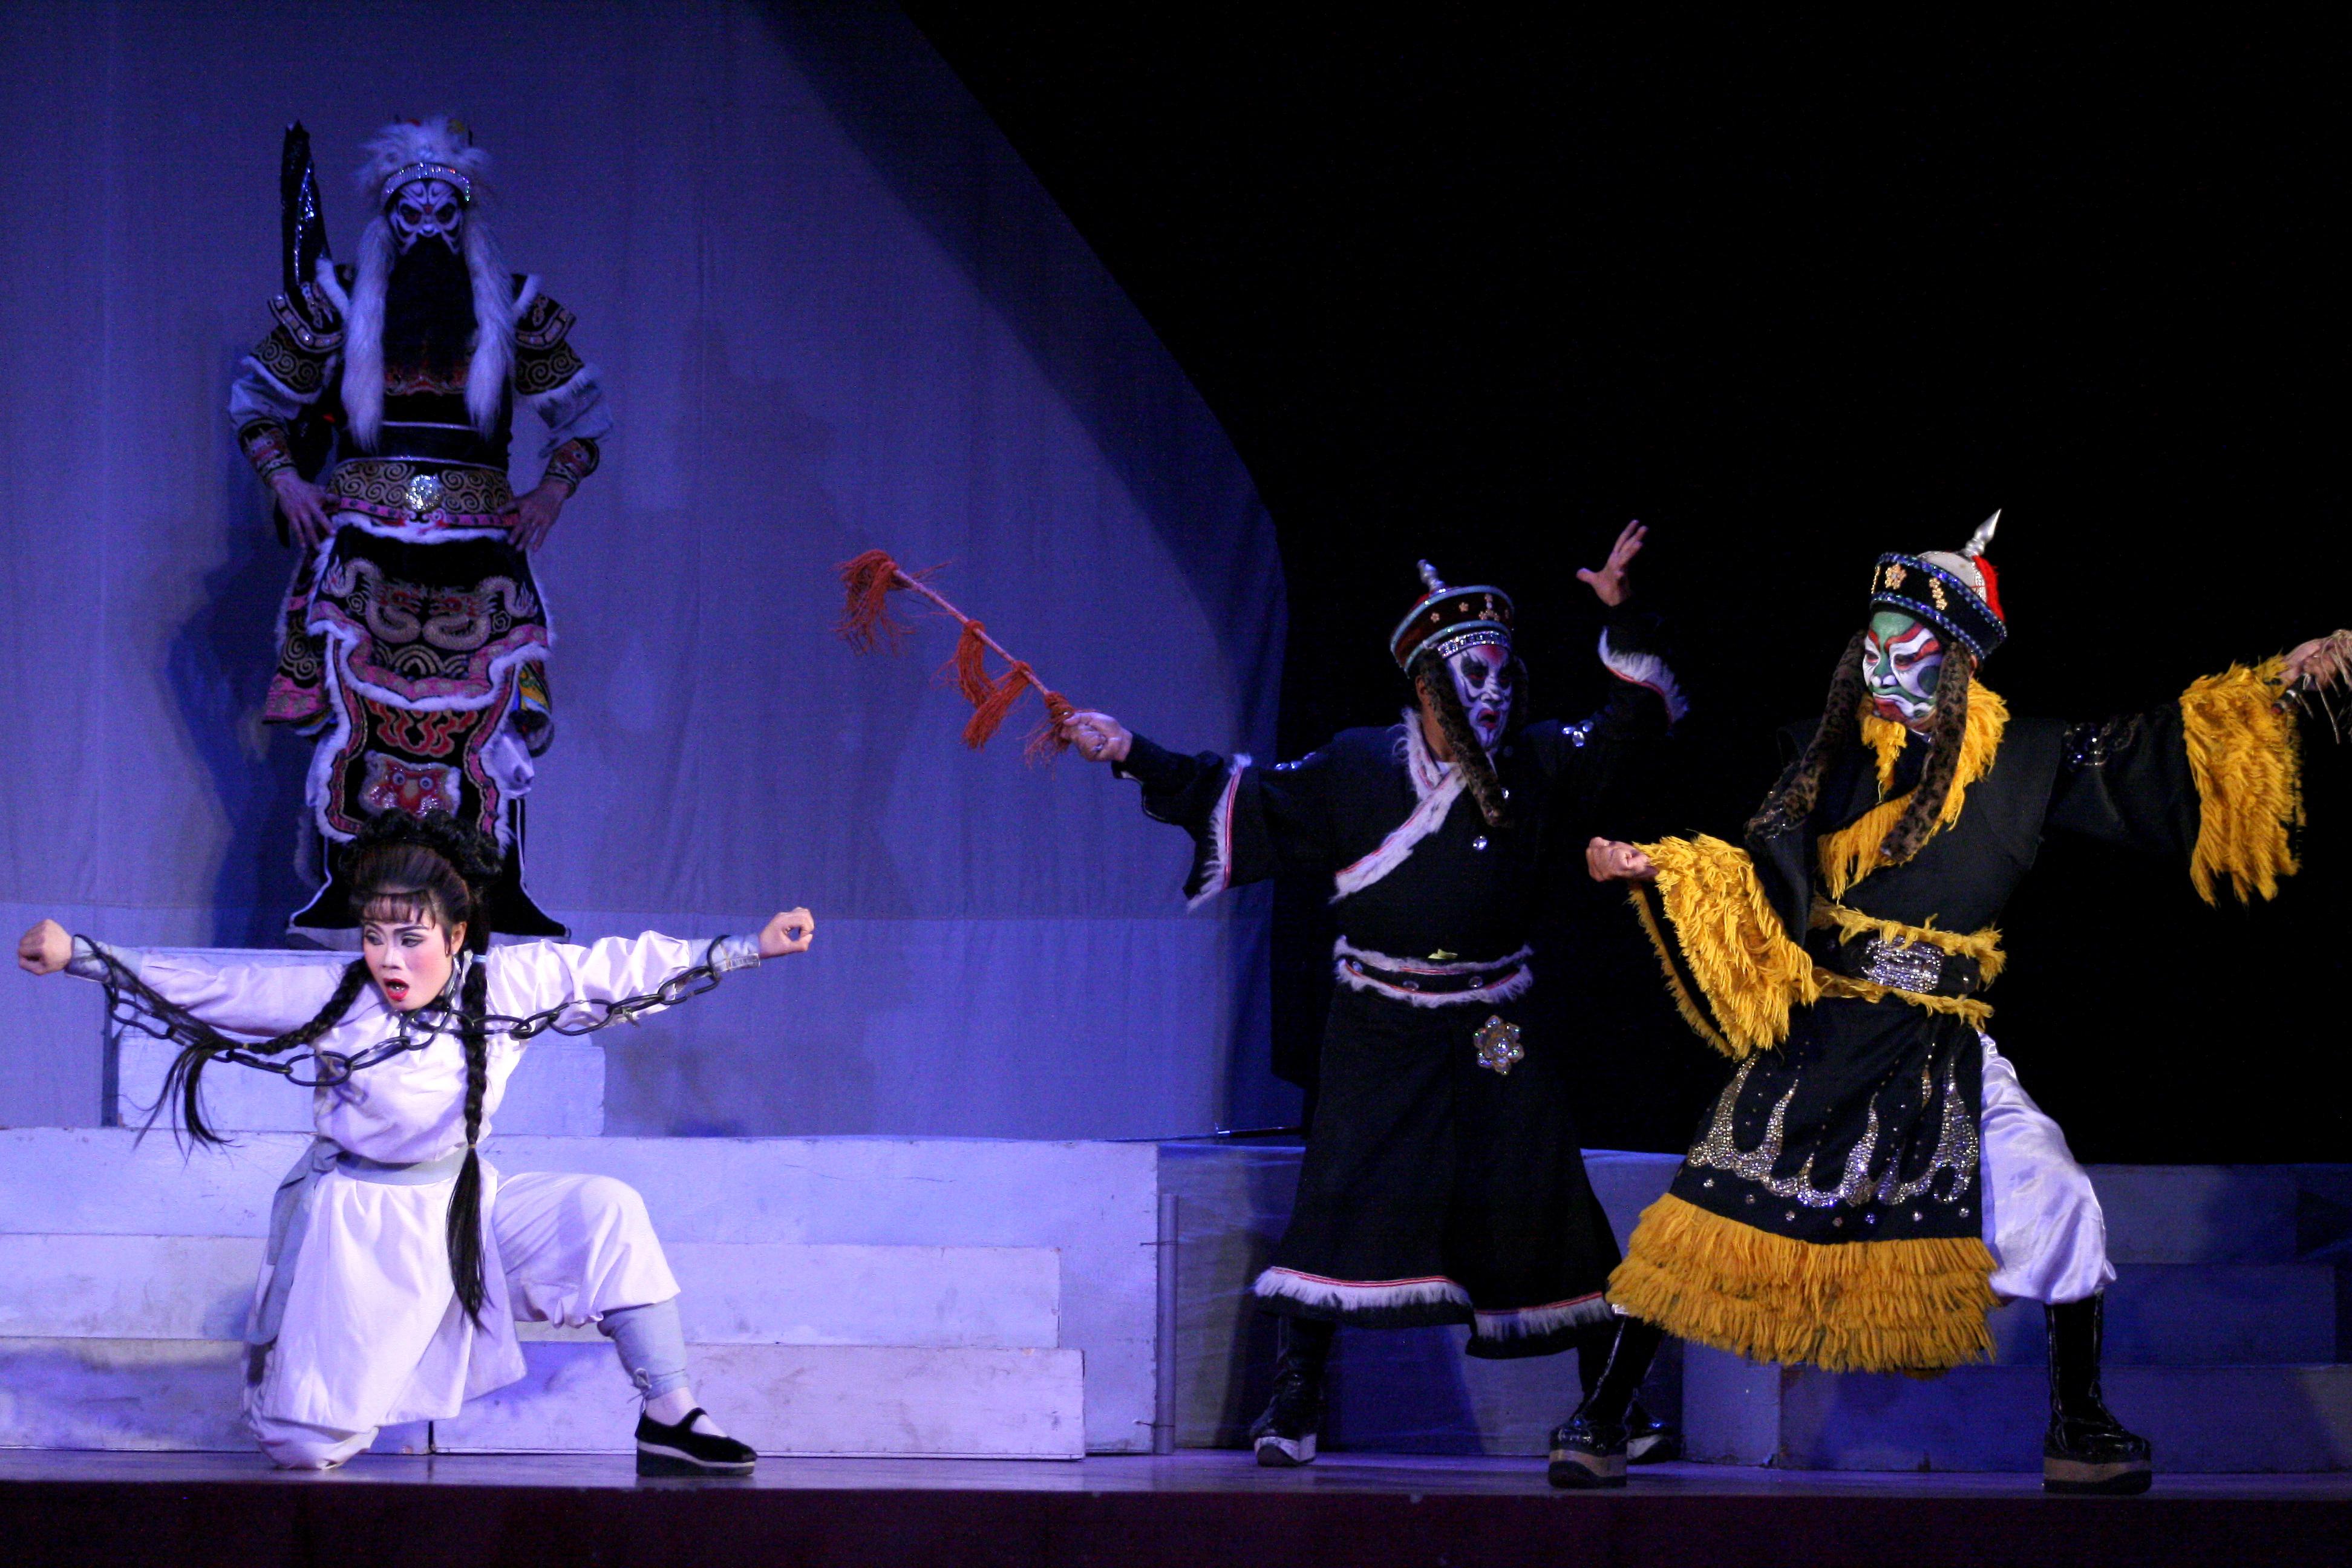 Sanh vi tương , Tử vi thần của Nhà hát nghệ thuật hát bội phải hủy toàn bộ các xuất diễn ở trường học do học sinh, sinh viên vẫn đang nghỉ học.